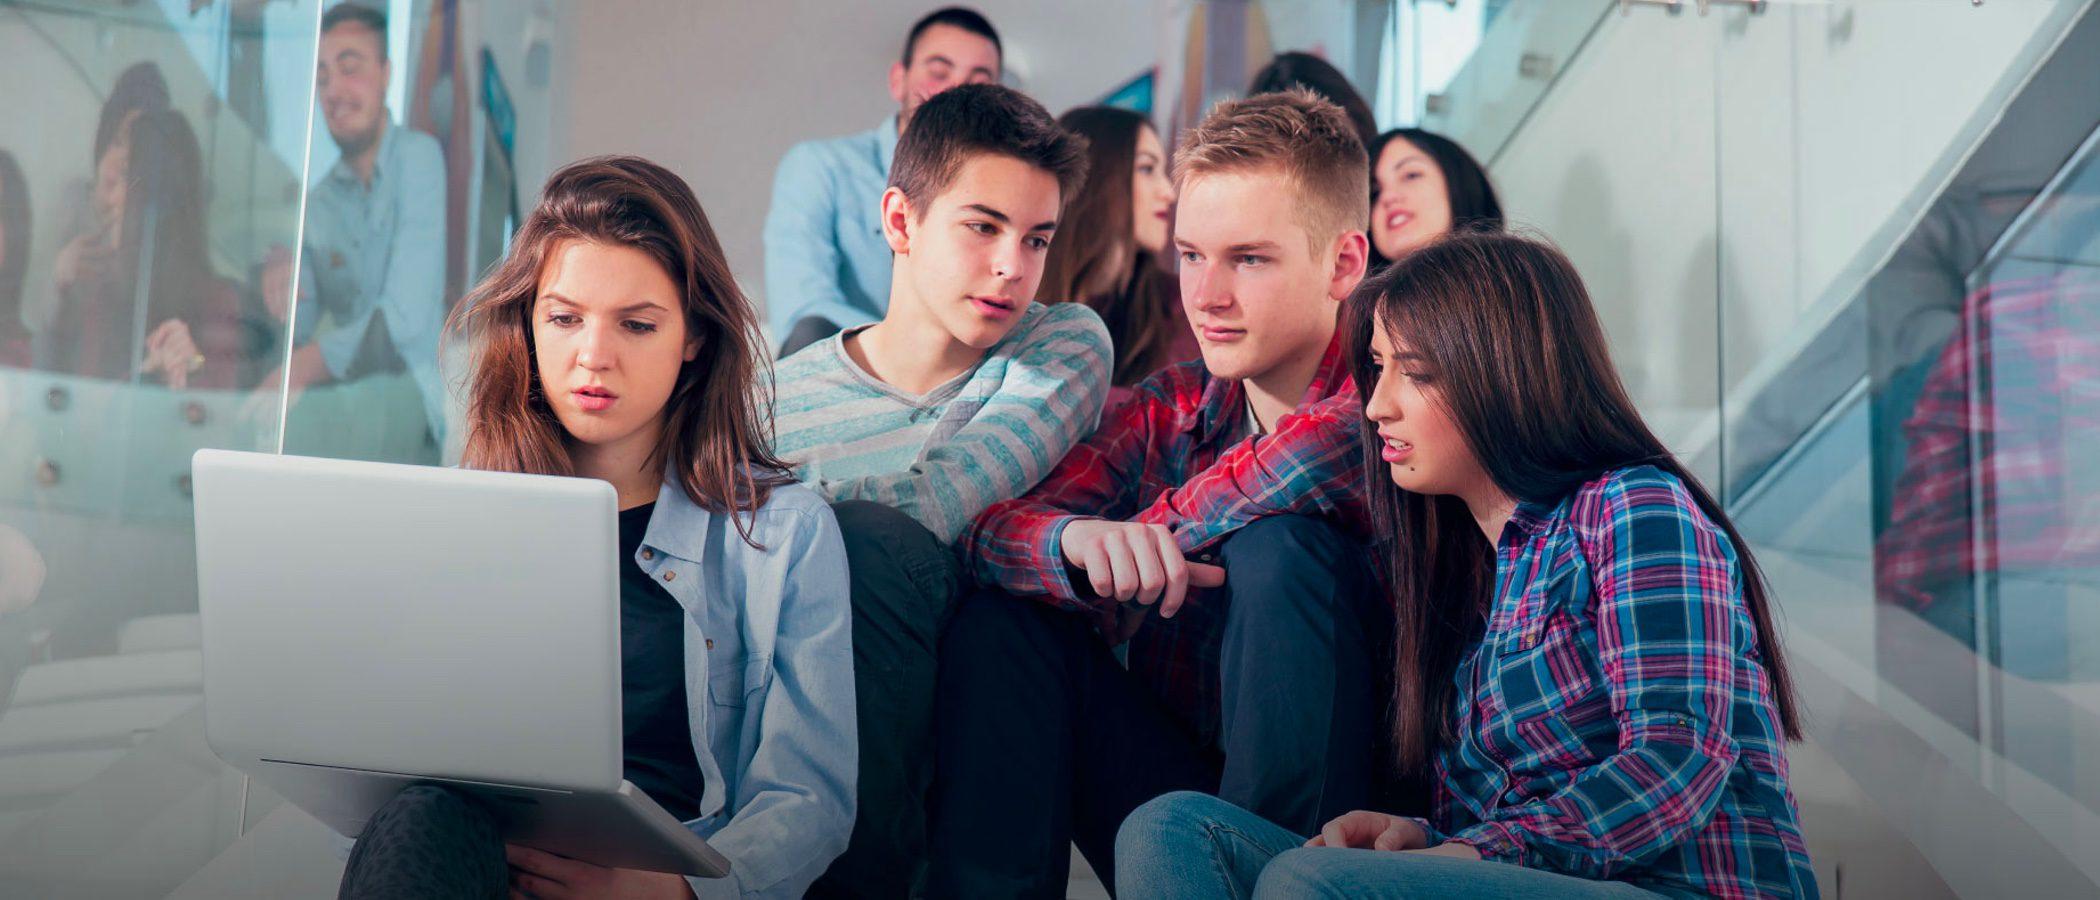 Cyber Protección, el servicio de ARAG para proteger a tus hijos del cyberbullying